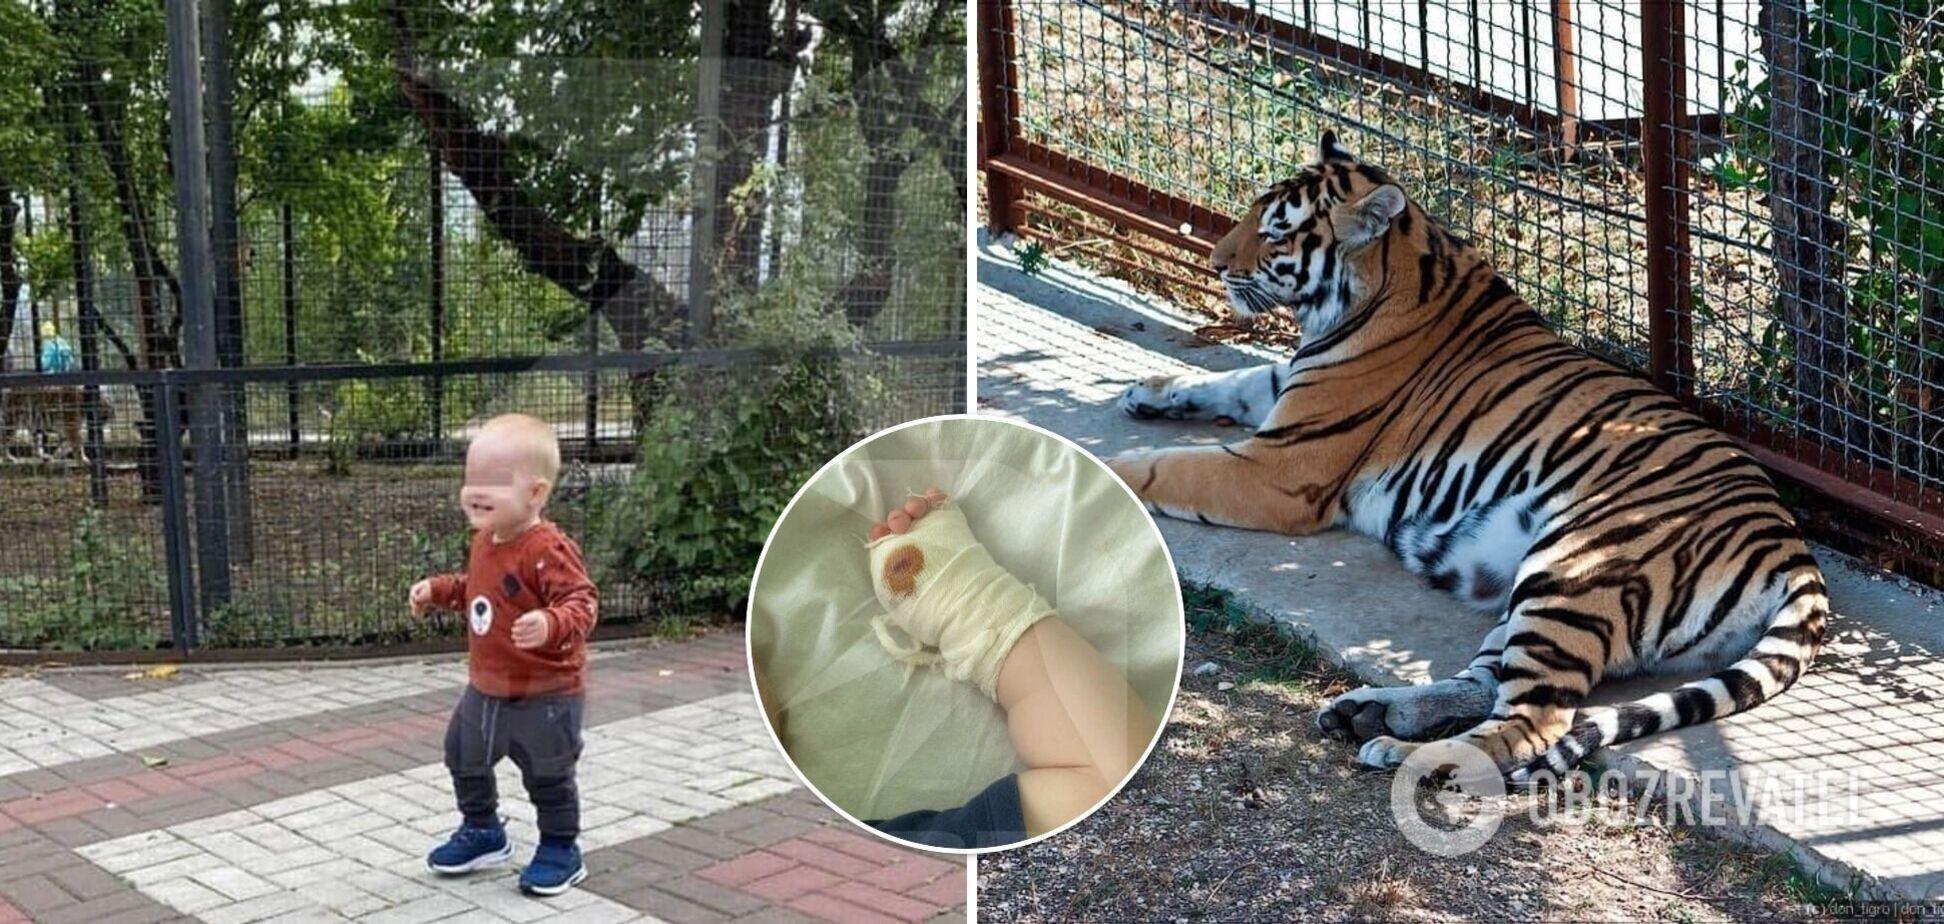 В Крыму тигр откусил палец годовалому ребенку в парке. Фото и детали трагедии